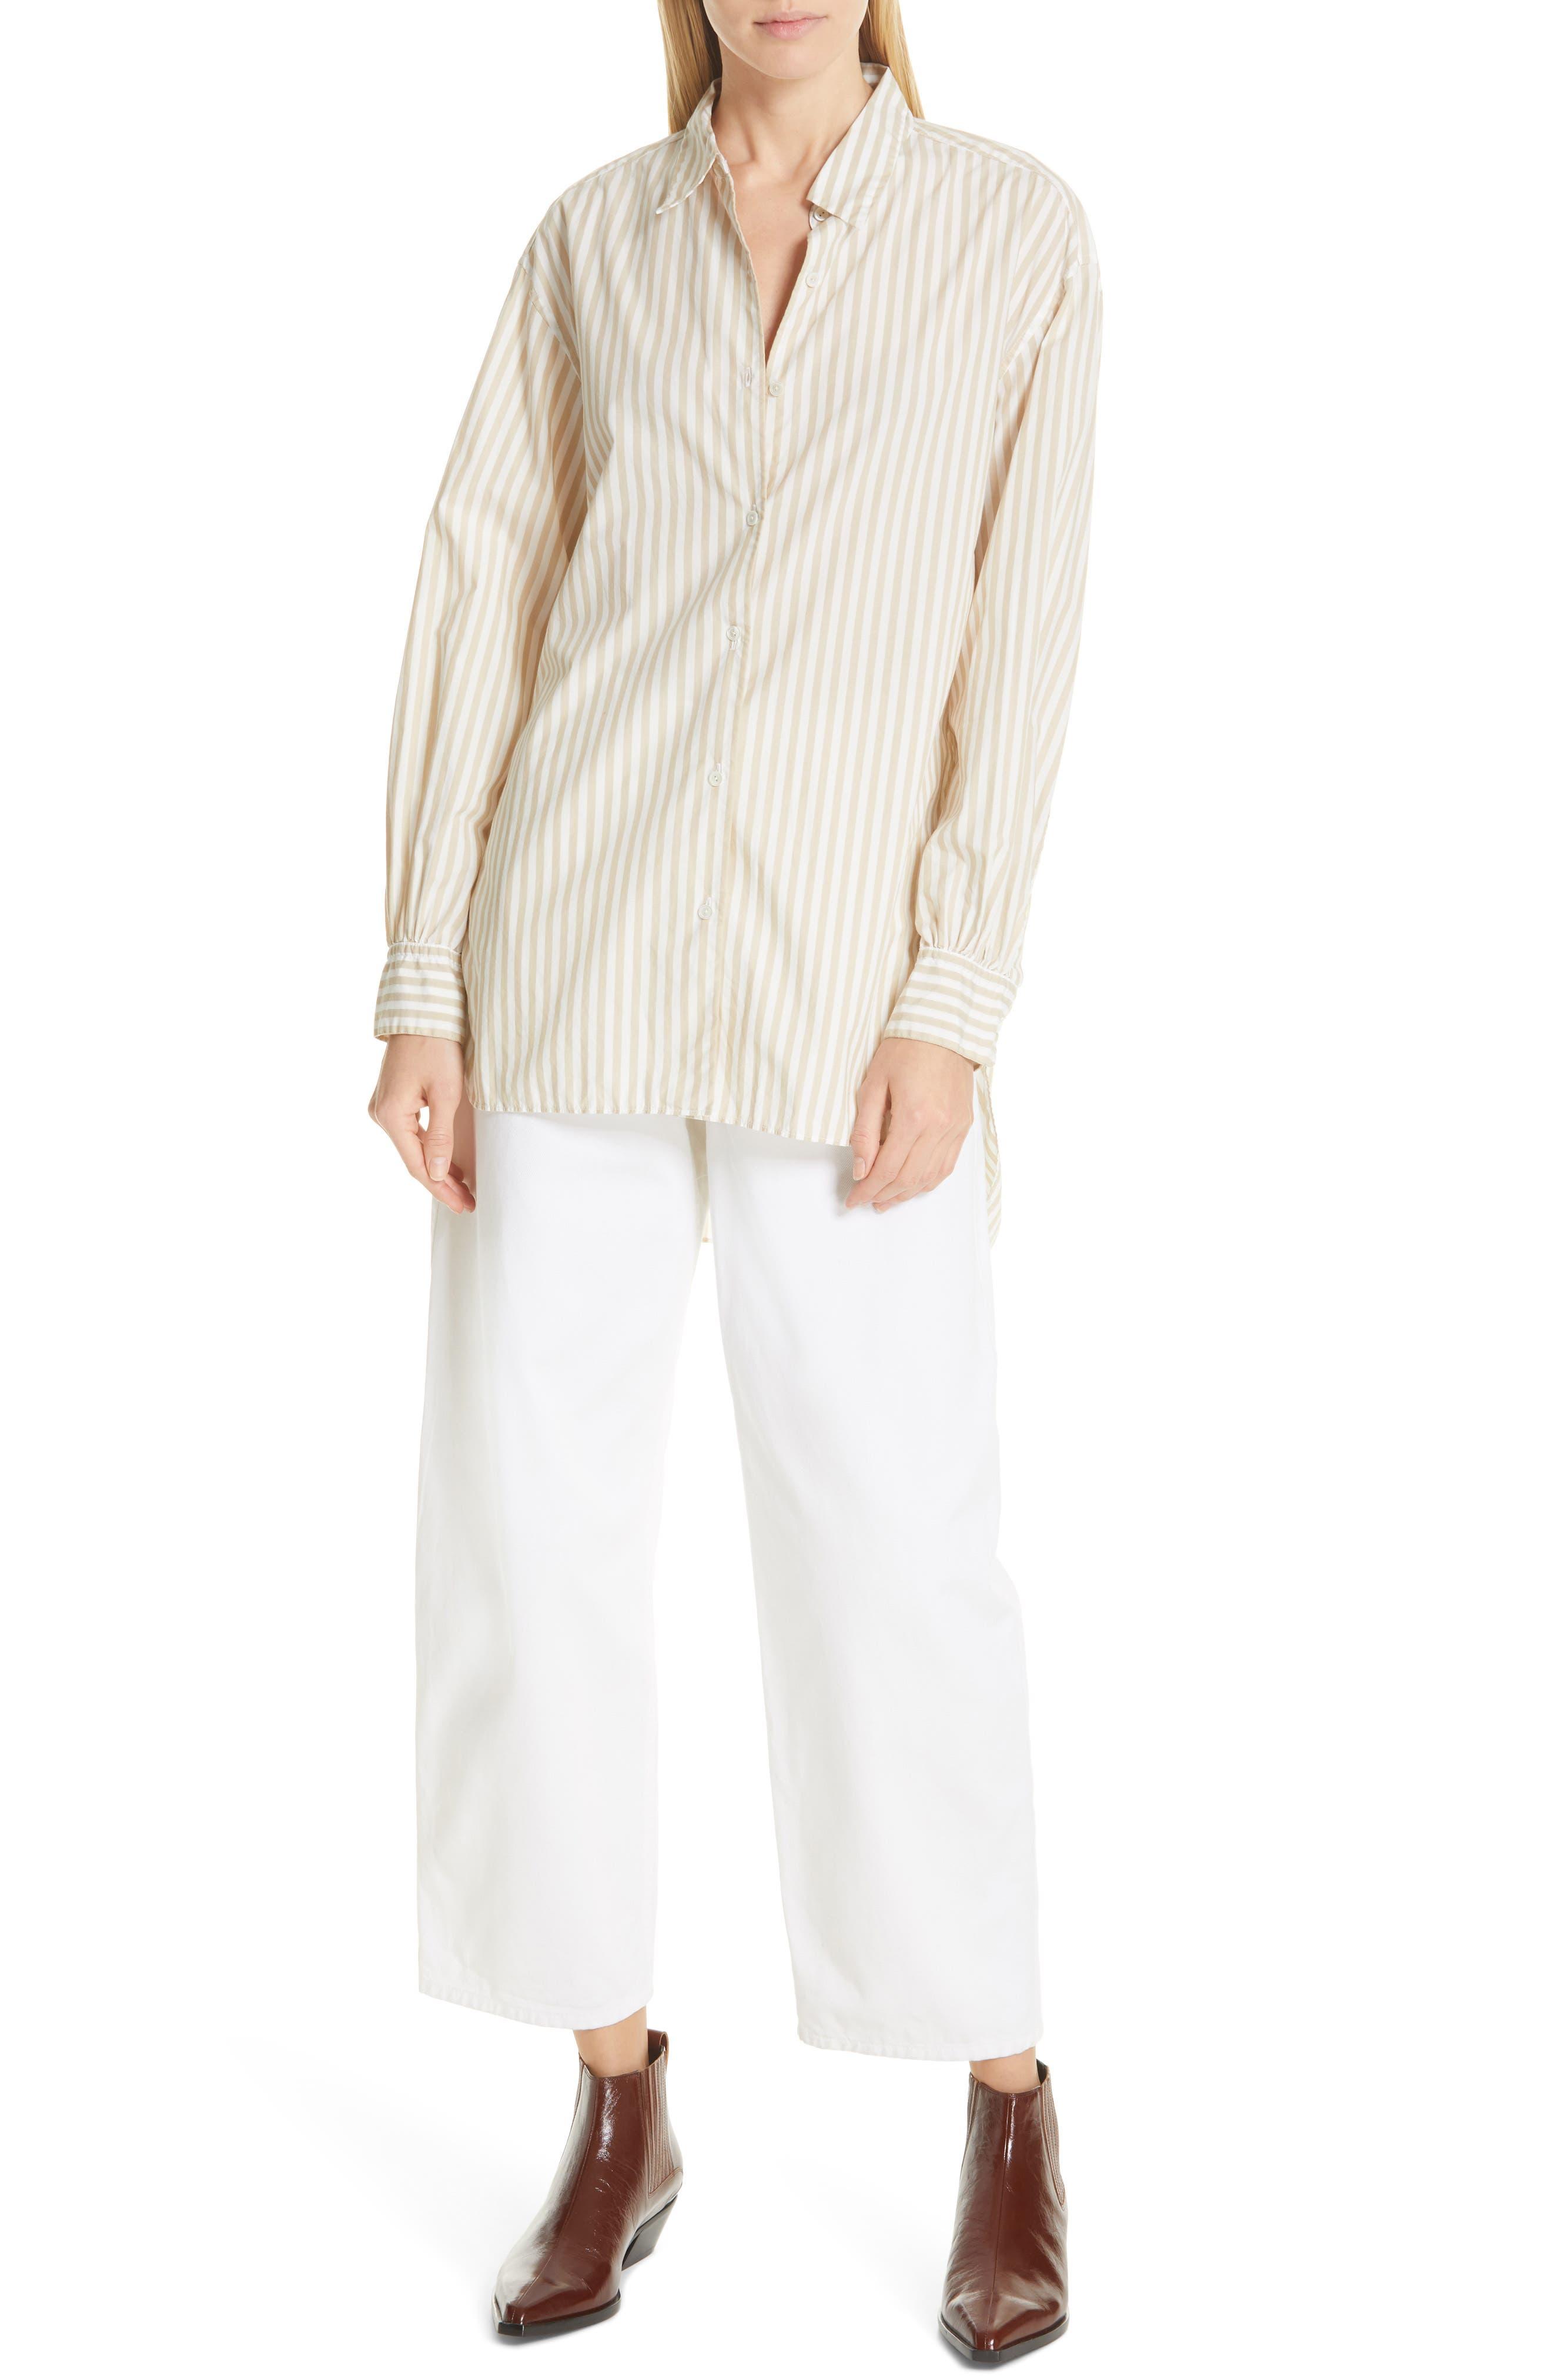 NILI LOTAN, Noa Stripe Shirt, Alternate thumbnail 7, color, TAN STRIPE